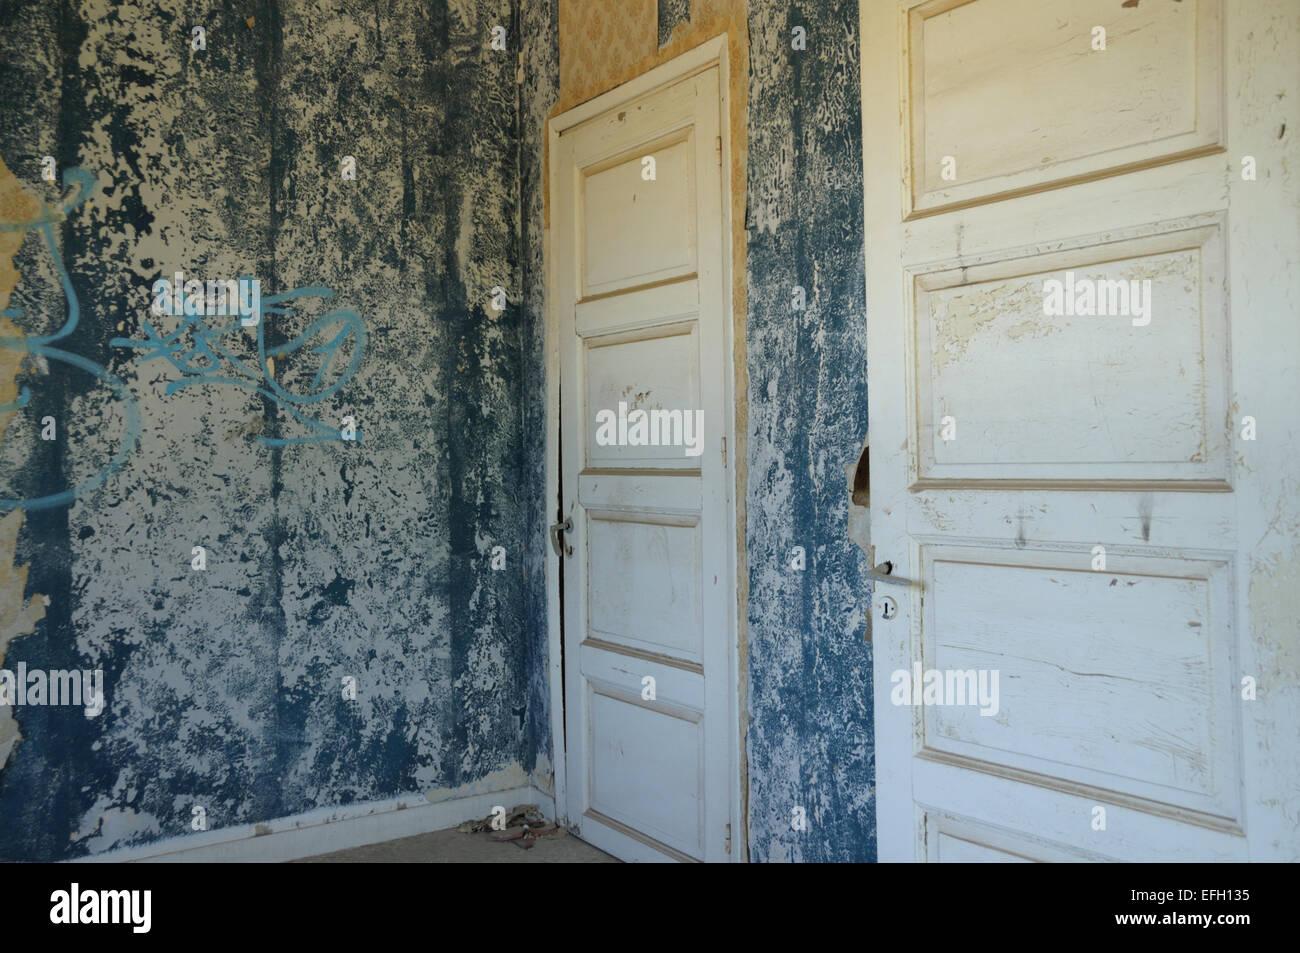 Zwei Türen Aus Holz Und Blau Peeling Wand Mit Zerrissenen Tapeten In  Verlassenen Haus.